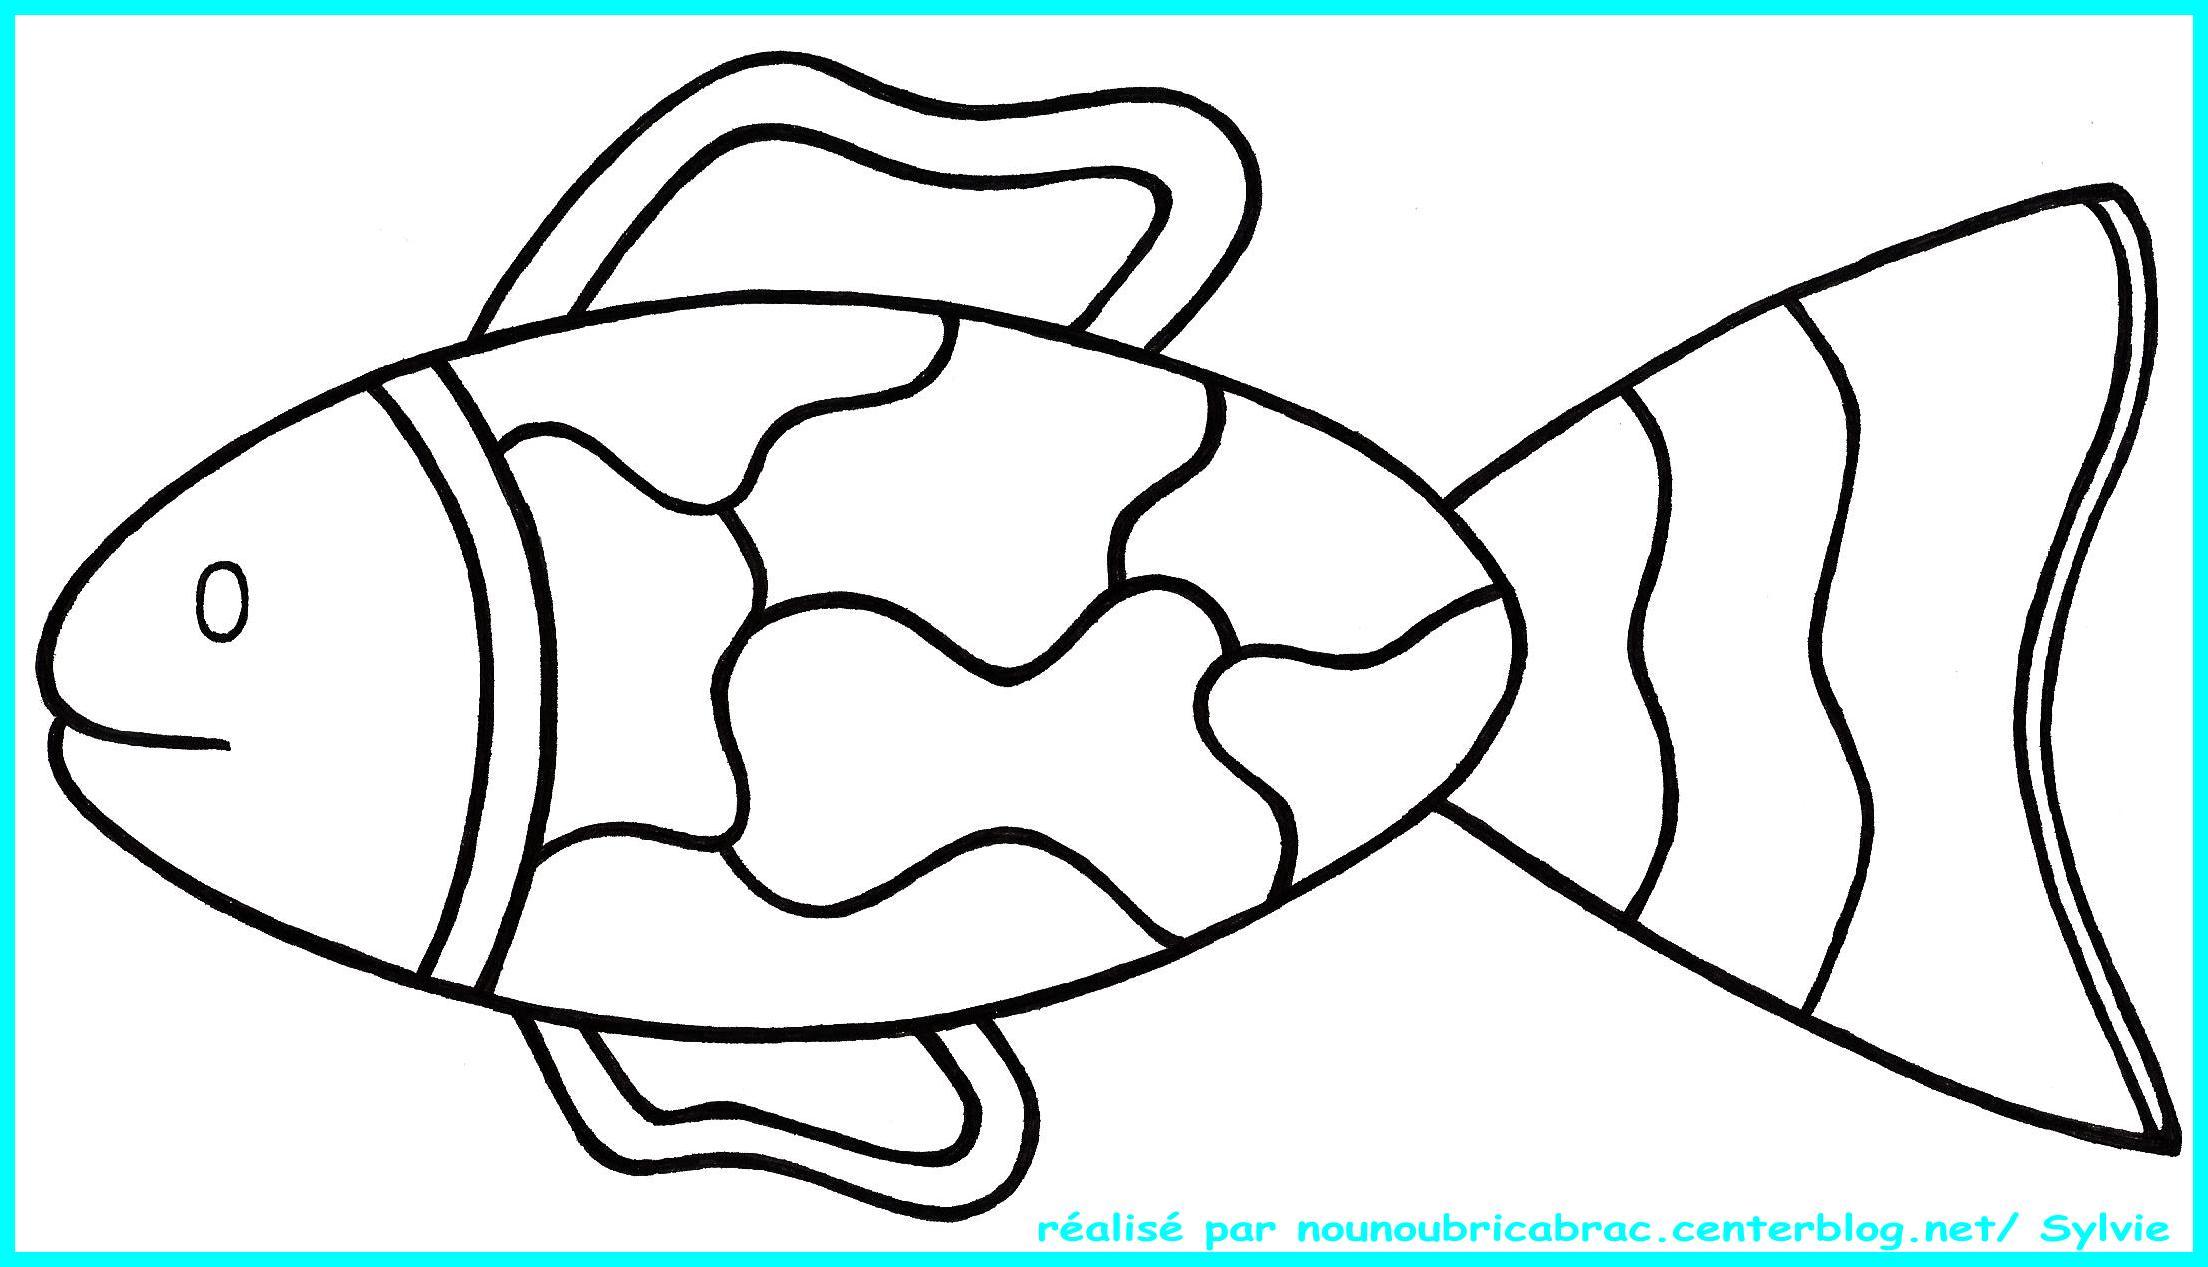 Apprendre a dessiner un poisson vk24 jornalagora - Dessin poisson ...